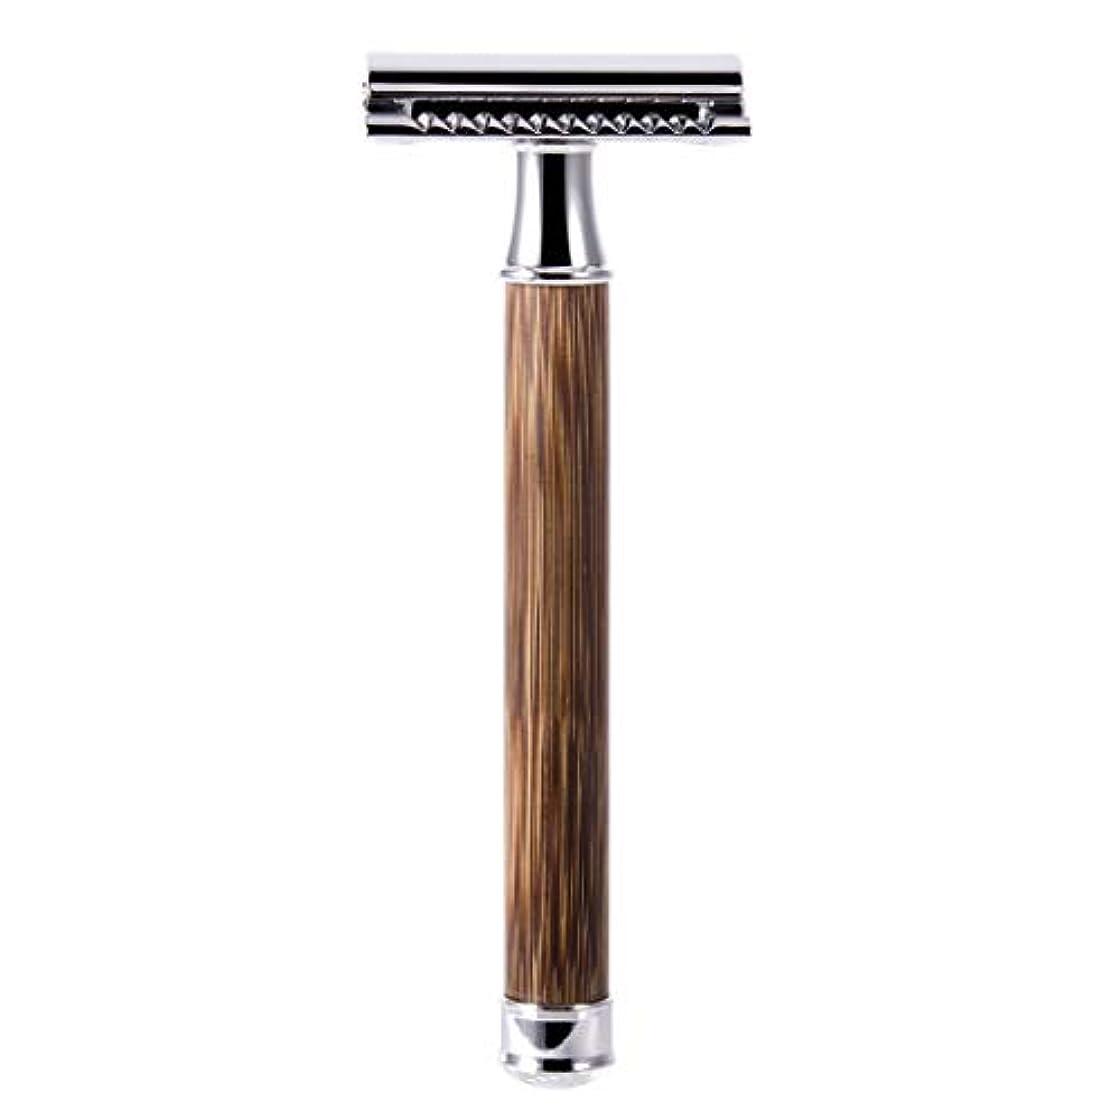 進化課す契約QIANMEI レトロダブルエッジ剃刀安全カミソリヘアーリムーバーかみそりは、すべての標準レイザーブレードに適合します